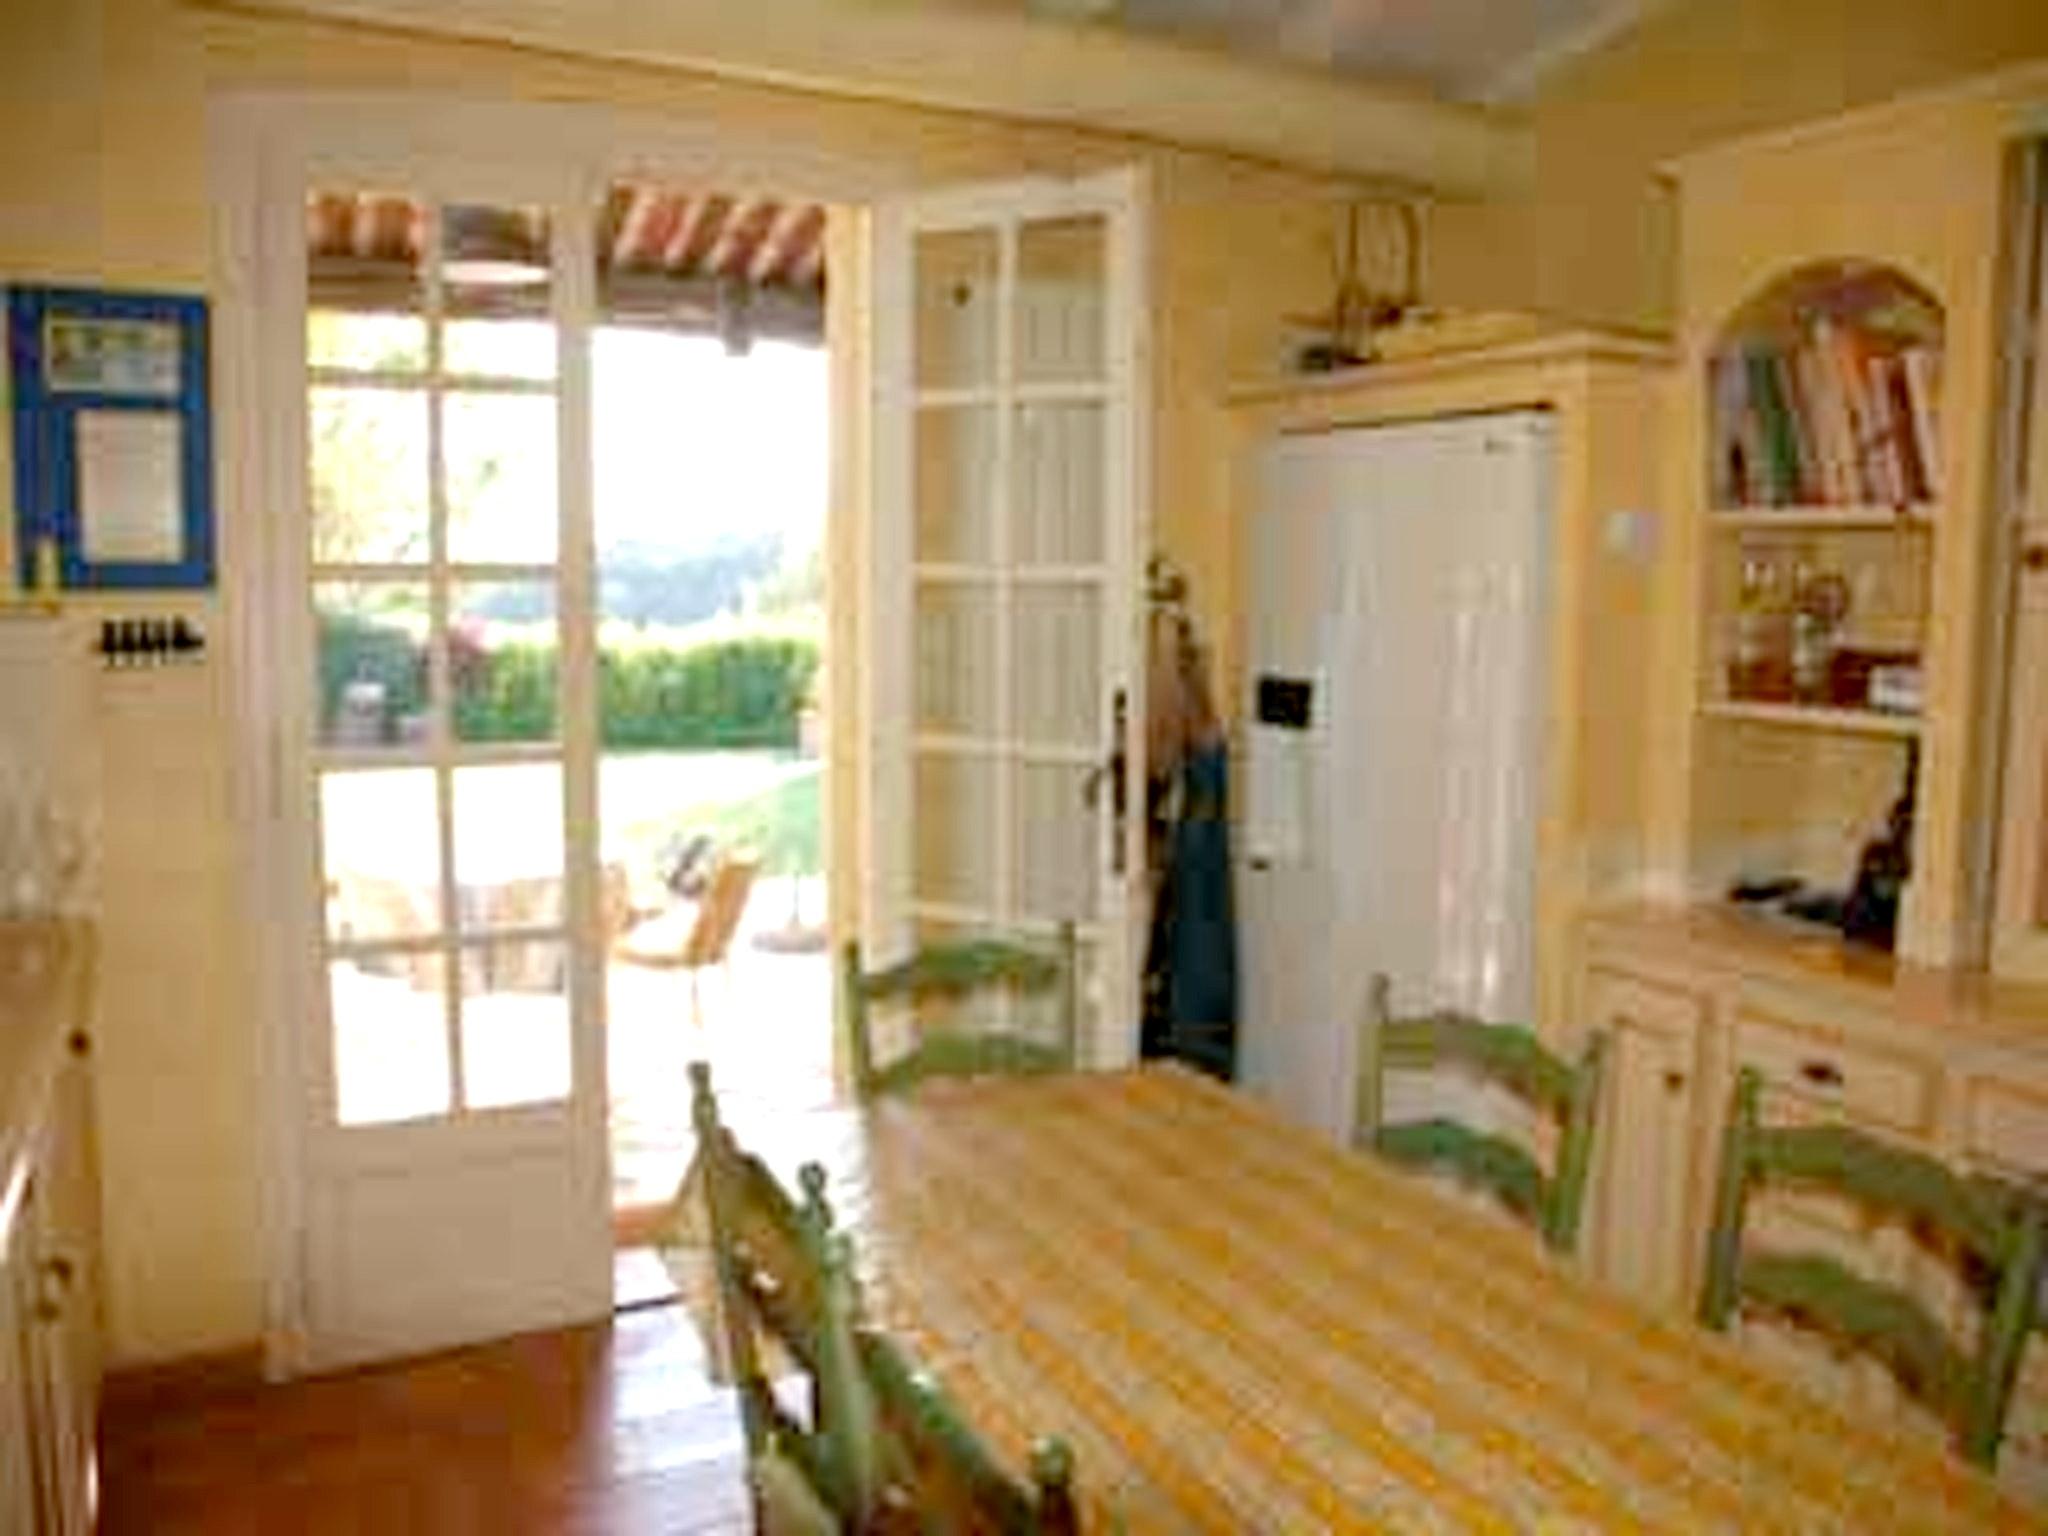 Ferienhaus Villa mit 4 Schlafzimmern in Pernes-les-Fontaines mit toller Aussicht auf die Berge, priva (2519446), Pernes les Fontaines, Saône-et-Loire, Burgund, Frankreich, Bild 48